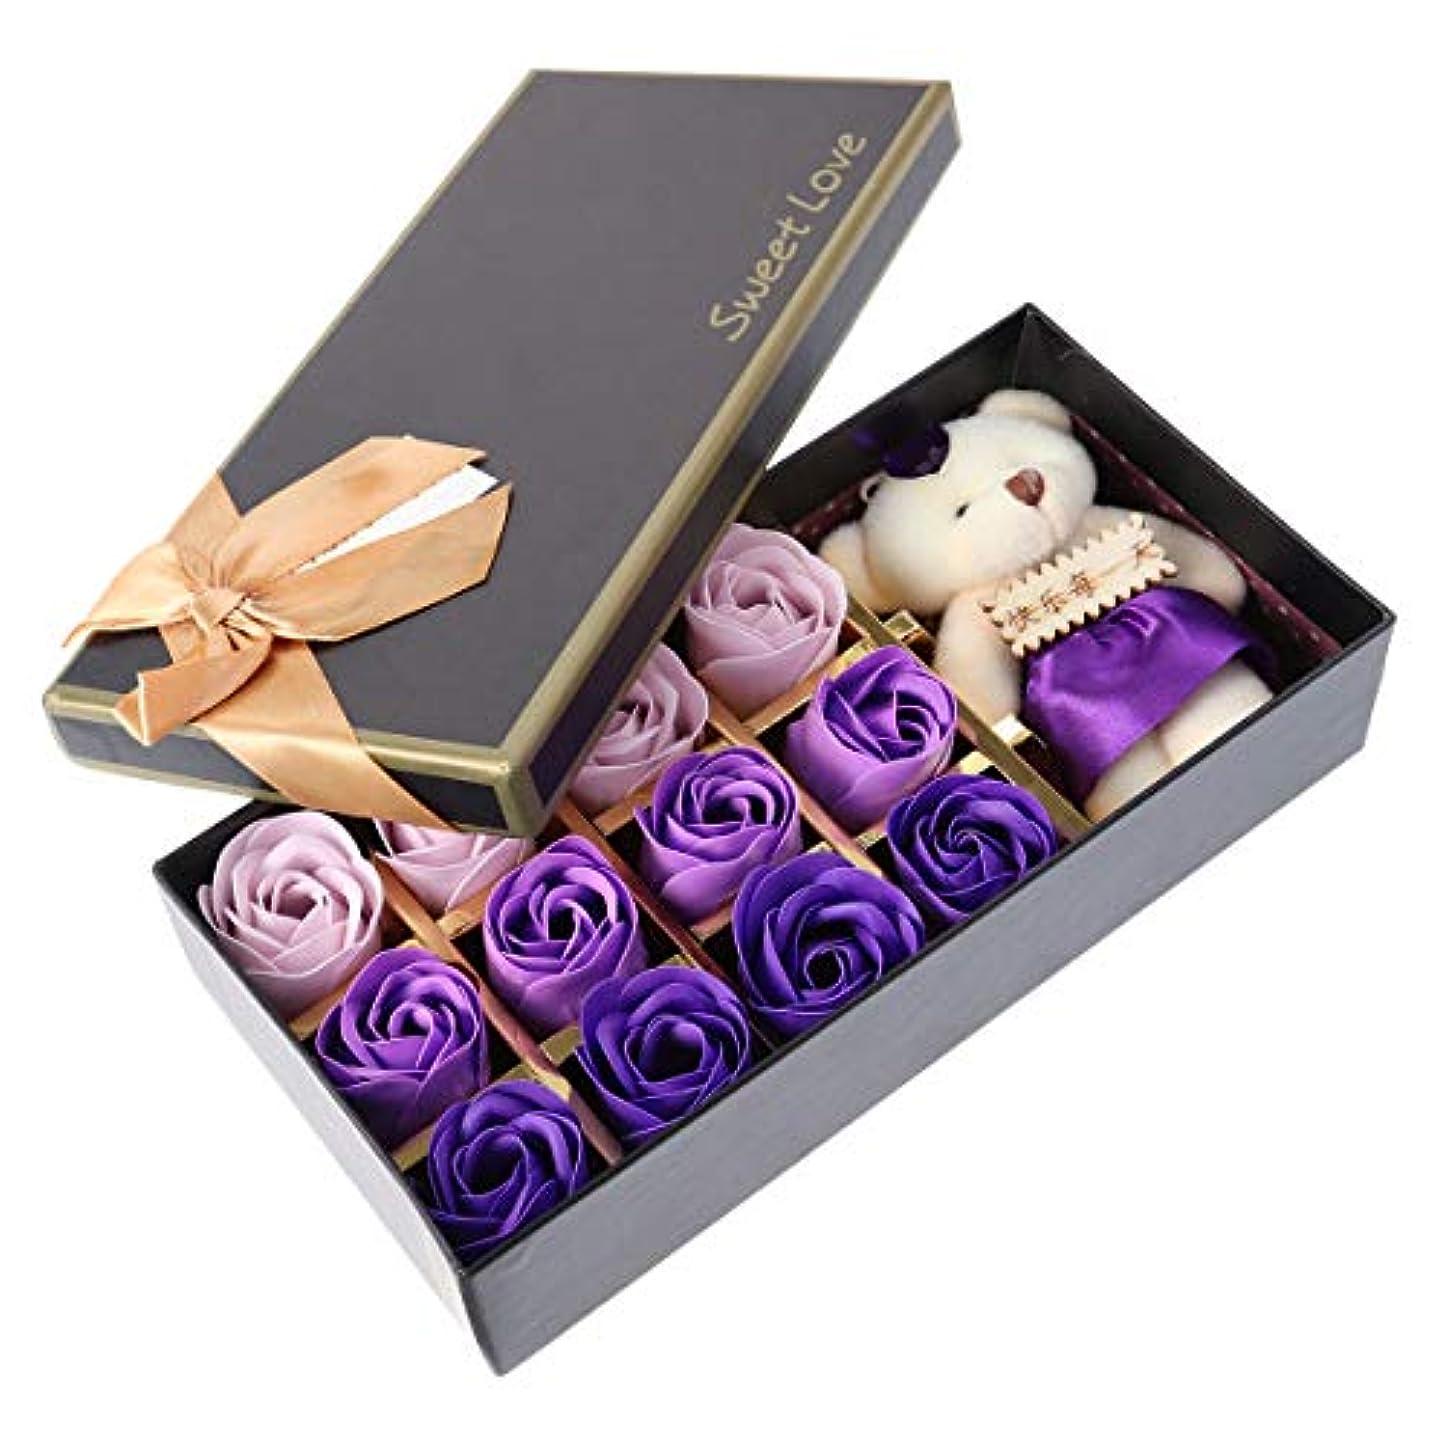 高音支援連続したBeaupretty バレンタインデーの結婚式の誕生日プレゼントのための小さなクマとバラの石鹸の花